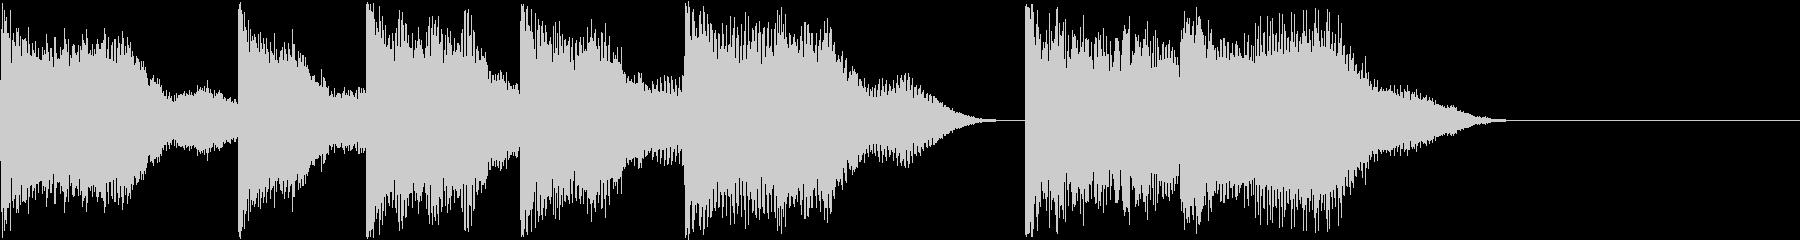 AI メカ/ロボ/マシン動作音 35の未再生の波形